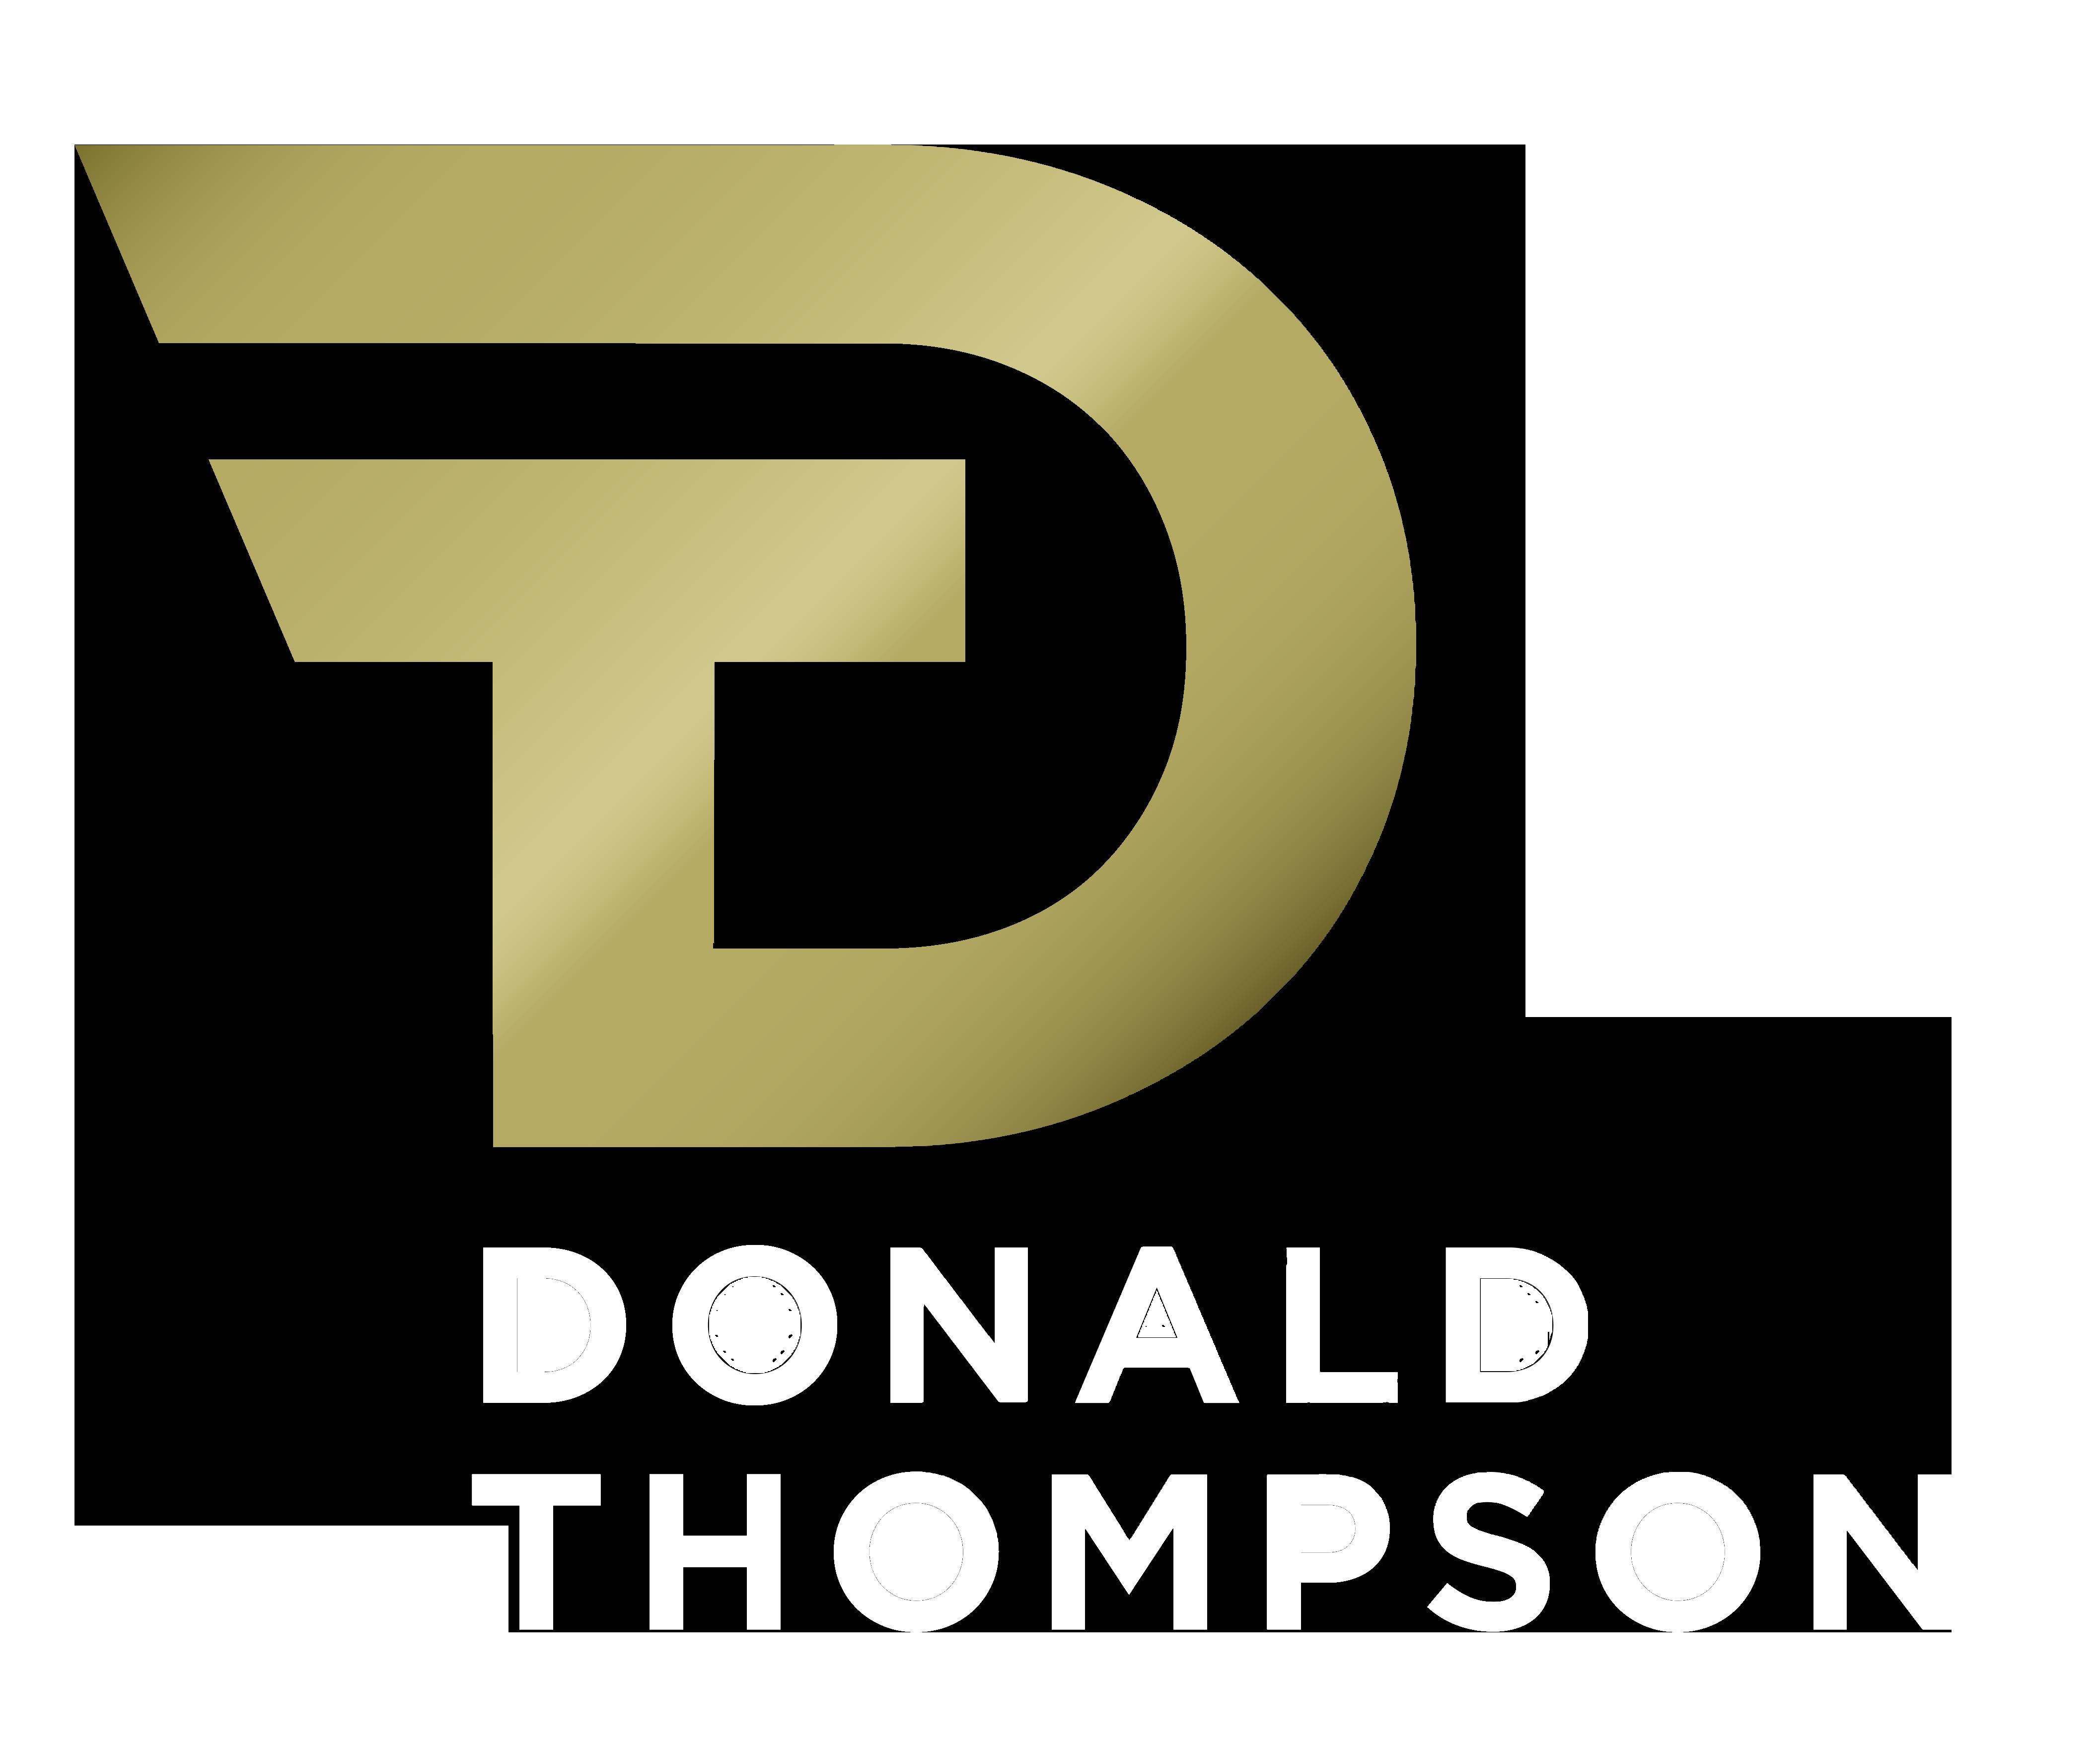 DonaldThompson